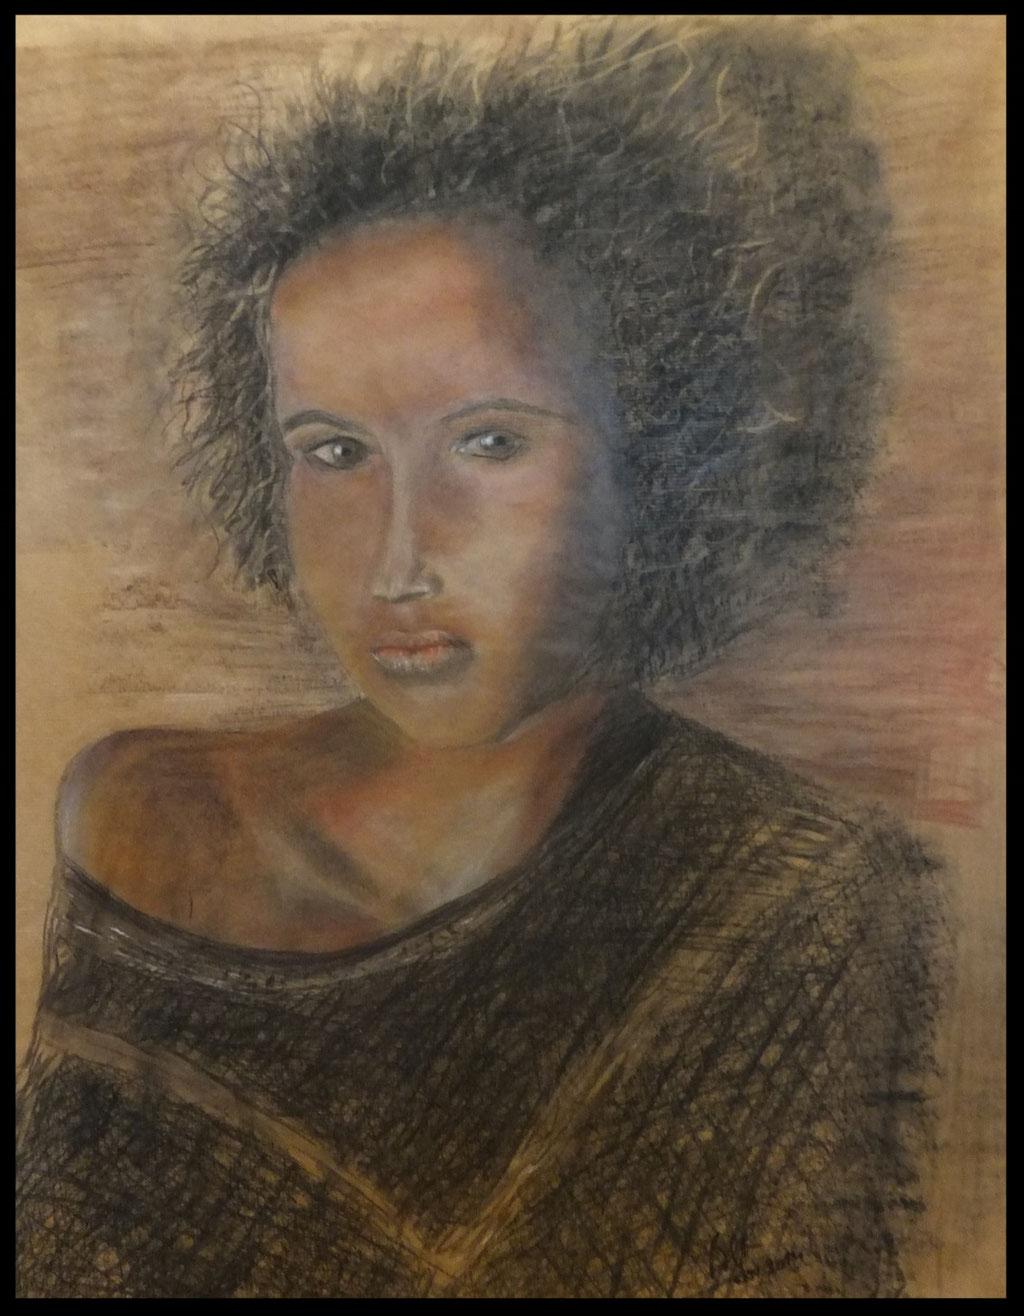 Fusain , crayon, pastel craie  sur papier  kraft 58 x  75 cm  par B C Ruiz d'après photo . Encadré. 200€